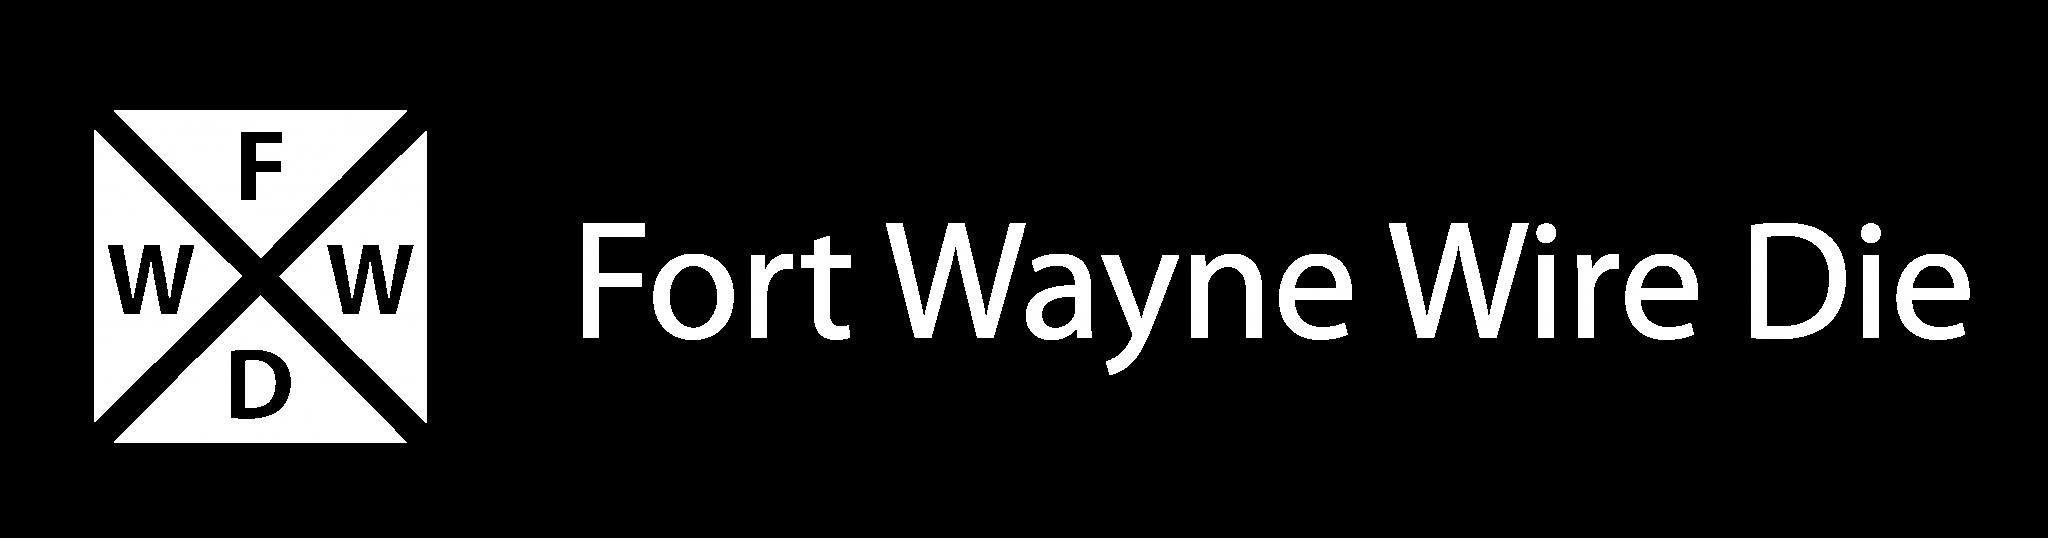 Fort Wayne Wire Die